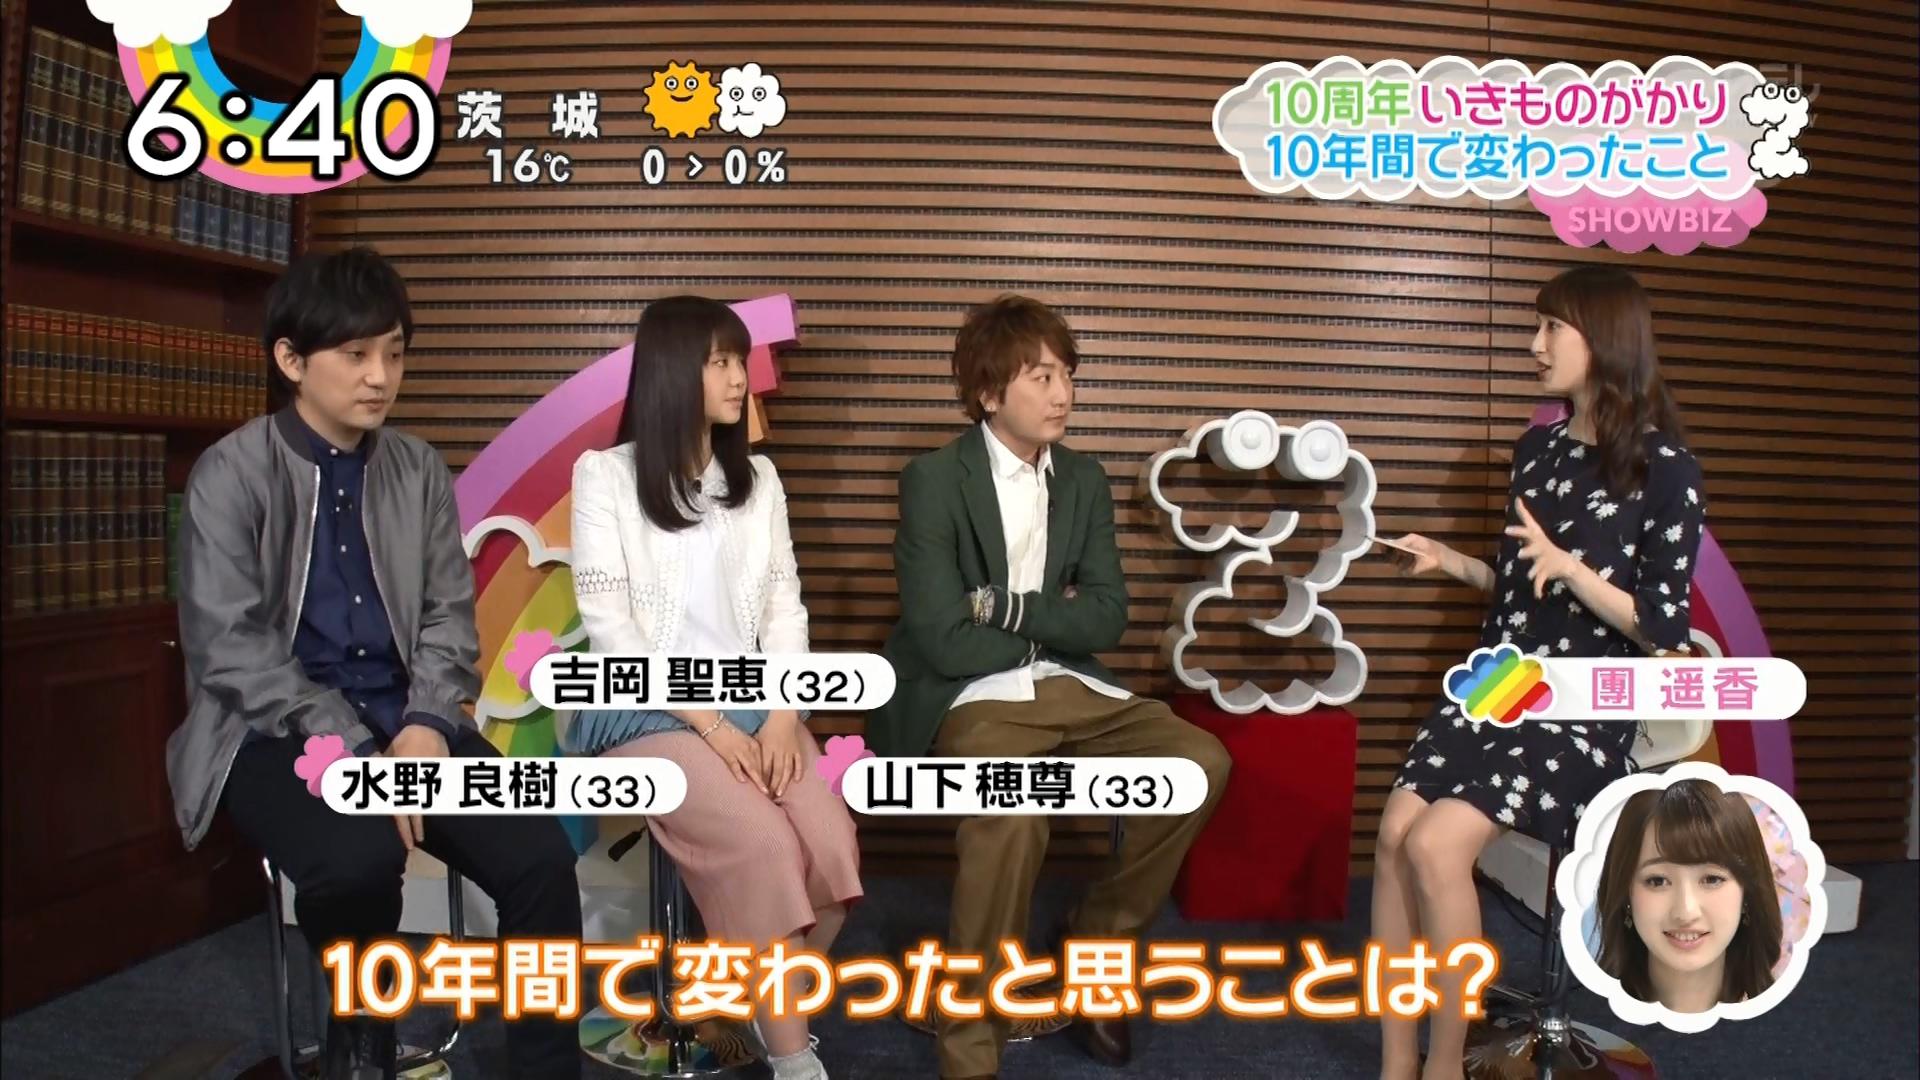 2016.03.22 10周年 いきものがかり - アルバム8作連続1位(ZIP!).ts_20160322_140835.037